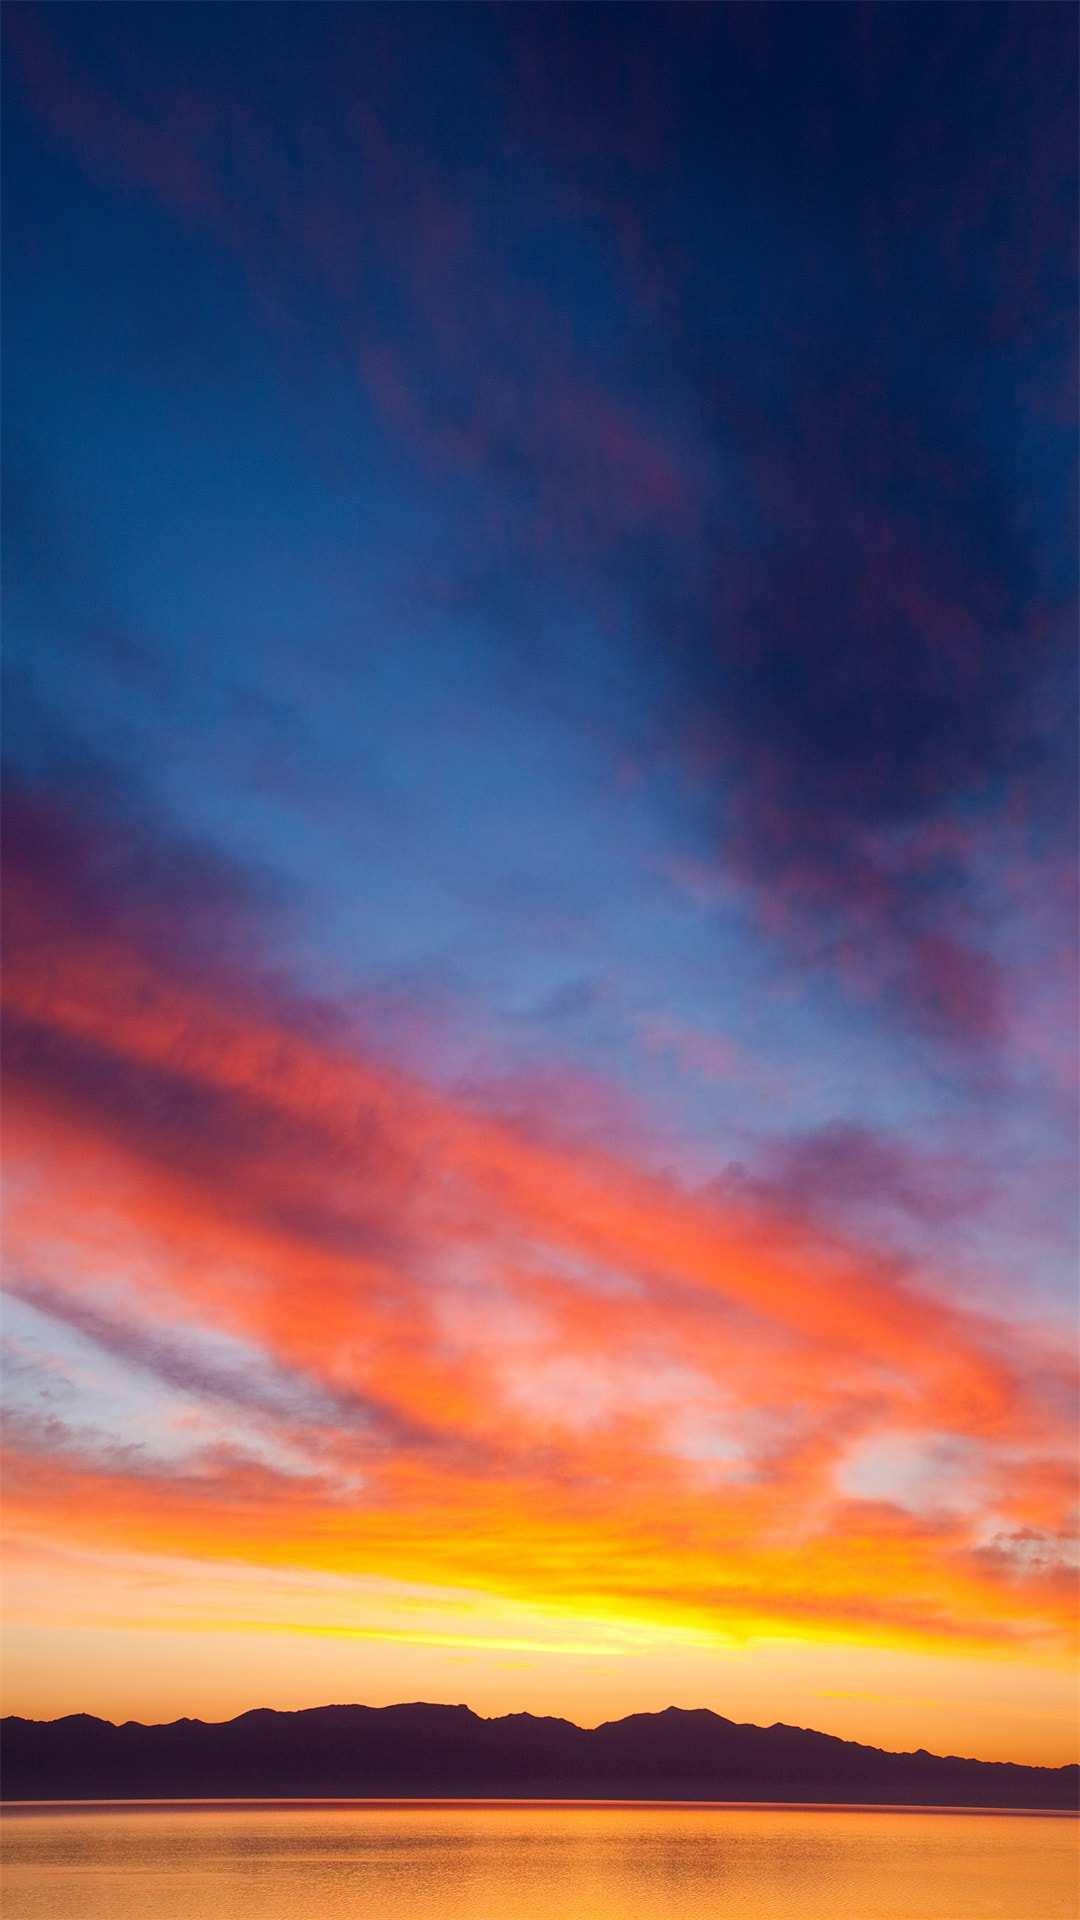 Sunset Sunlight Clouds iPhone Wallpaper